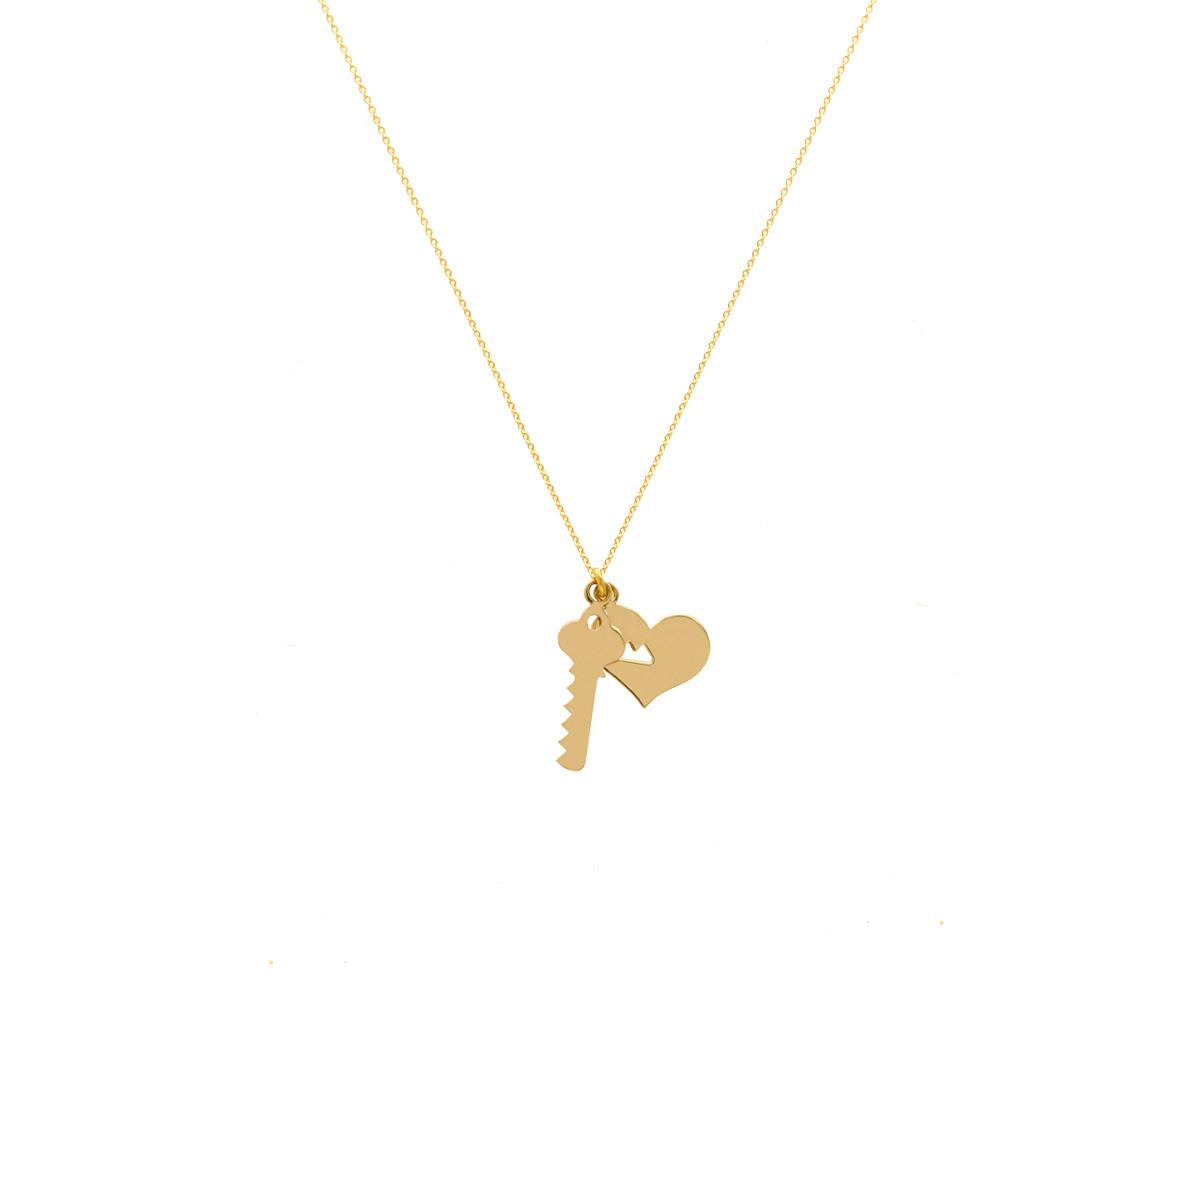 پرسته گردنبند طلا قلب و کلید